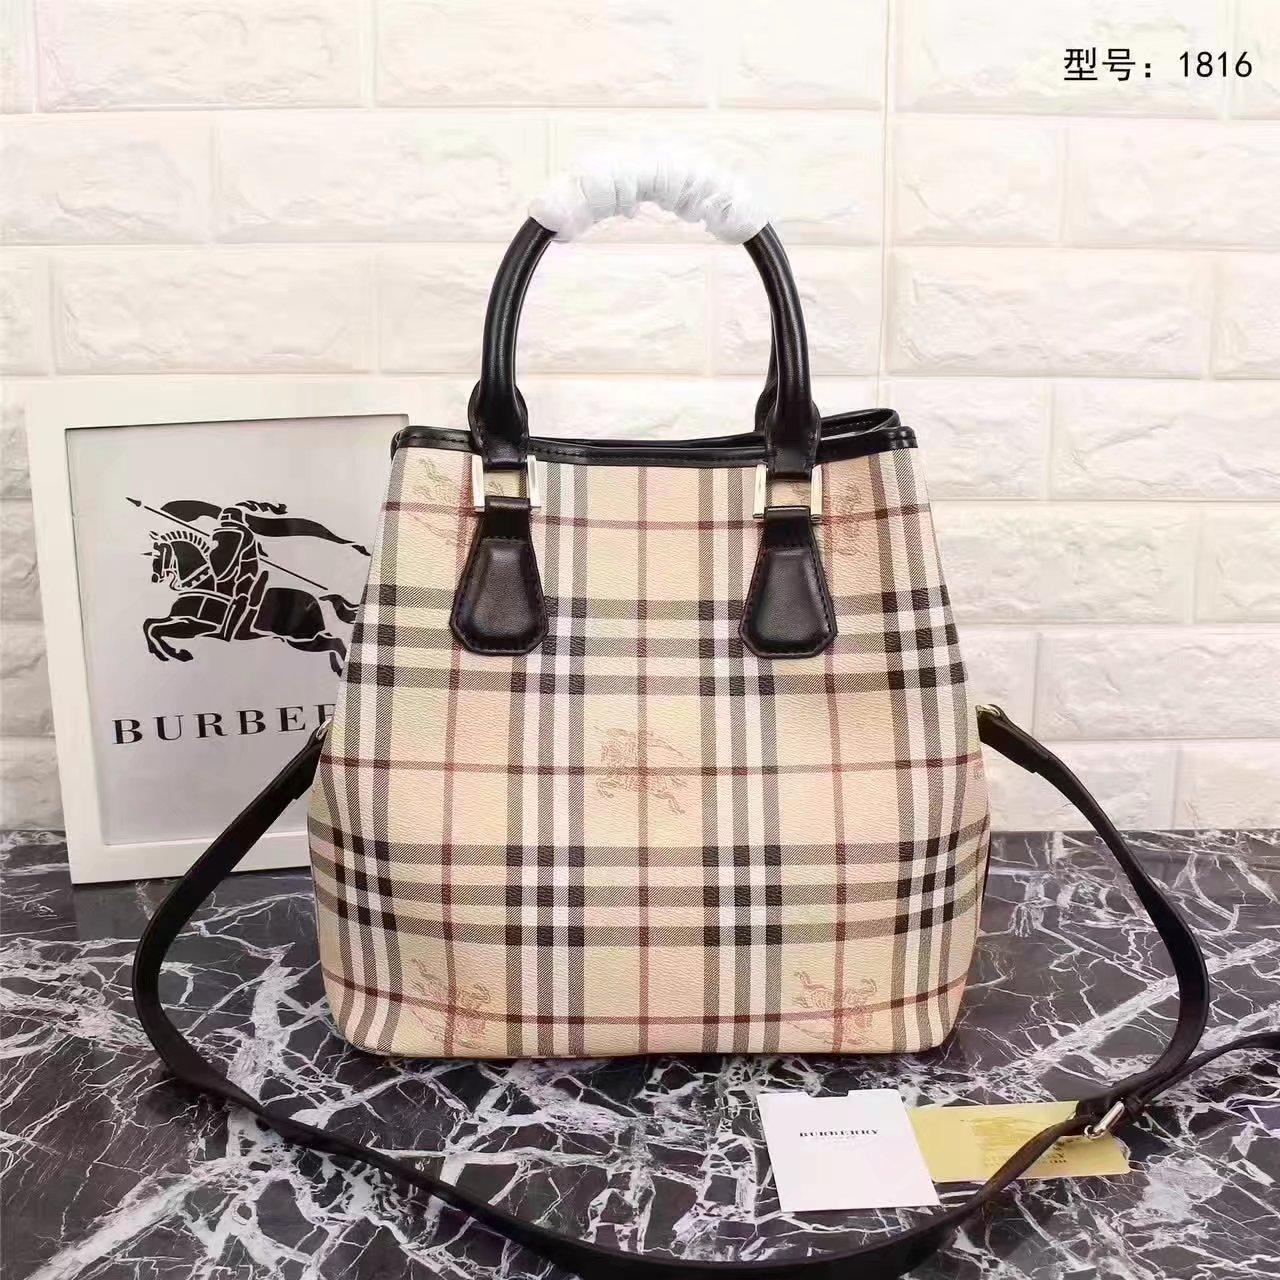 Burberry 1816 Leather and Haymarket Check Shoulder Bag Black